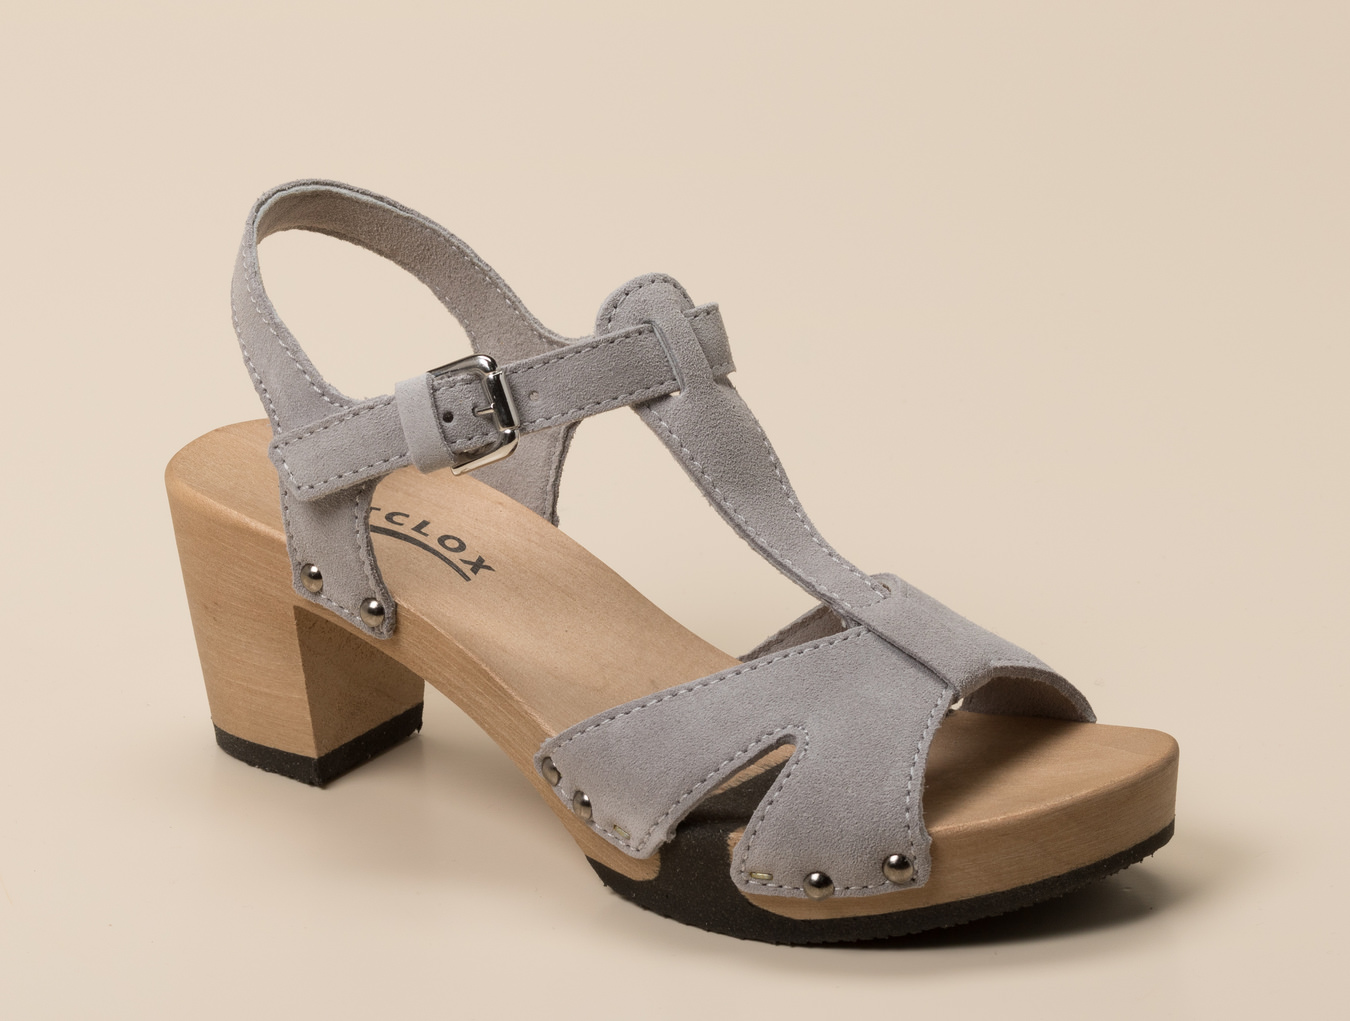 Softclox Schuhe für Damen versandkostenfrei kaufen| ZALANDO